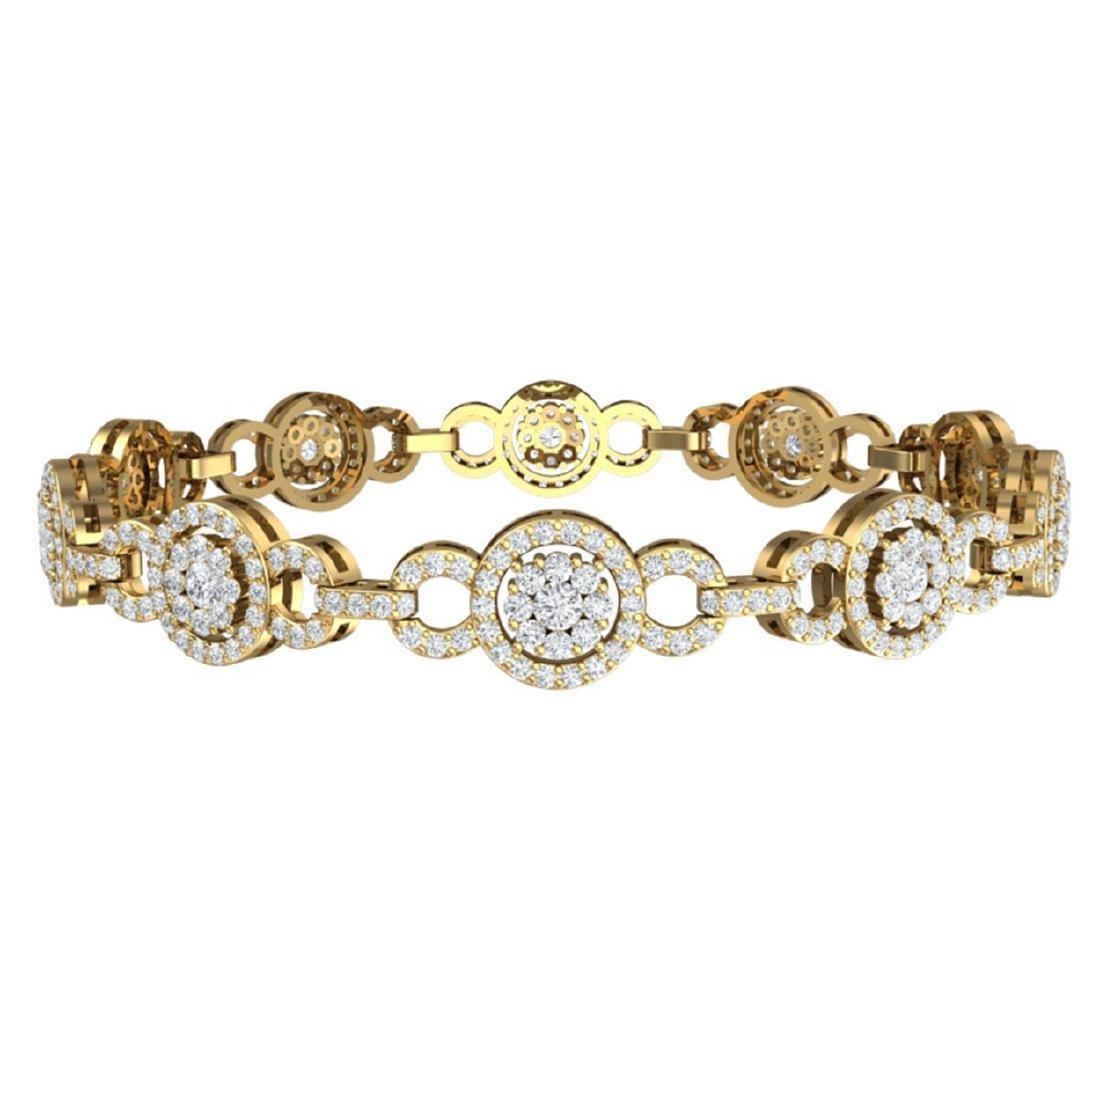 5 CTW Certified SI/I Diamond Halo Bracelet 18K Yellow - 3